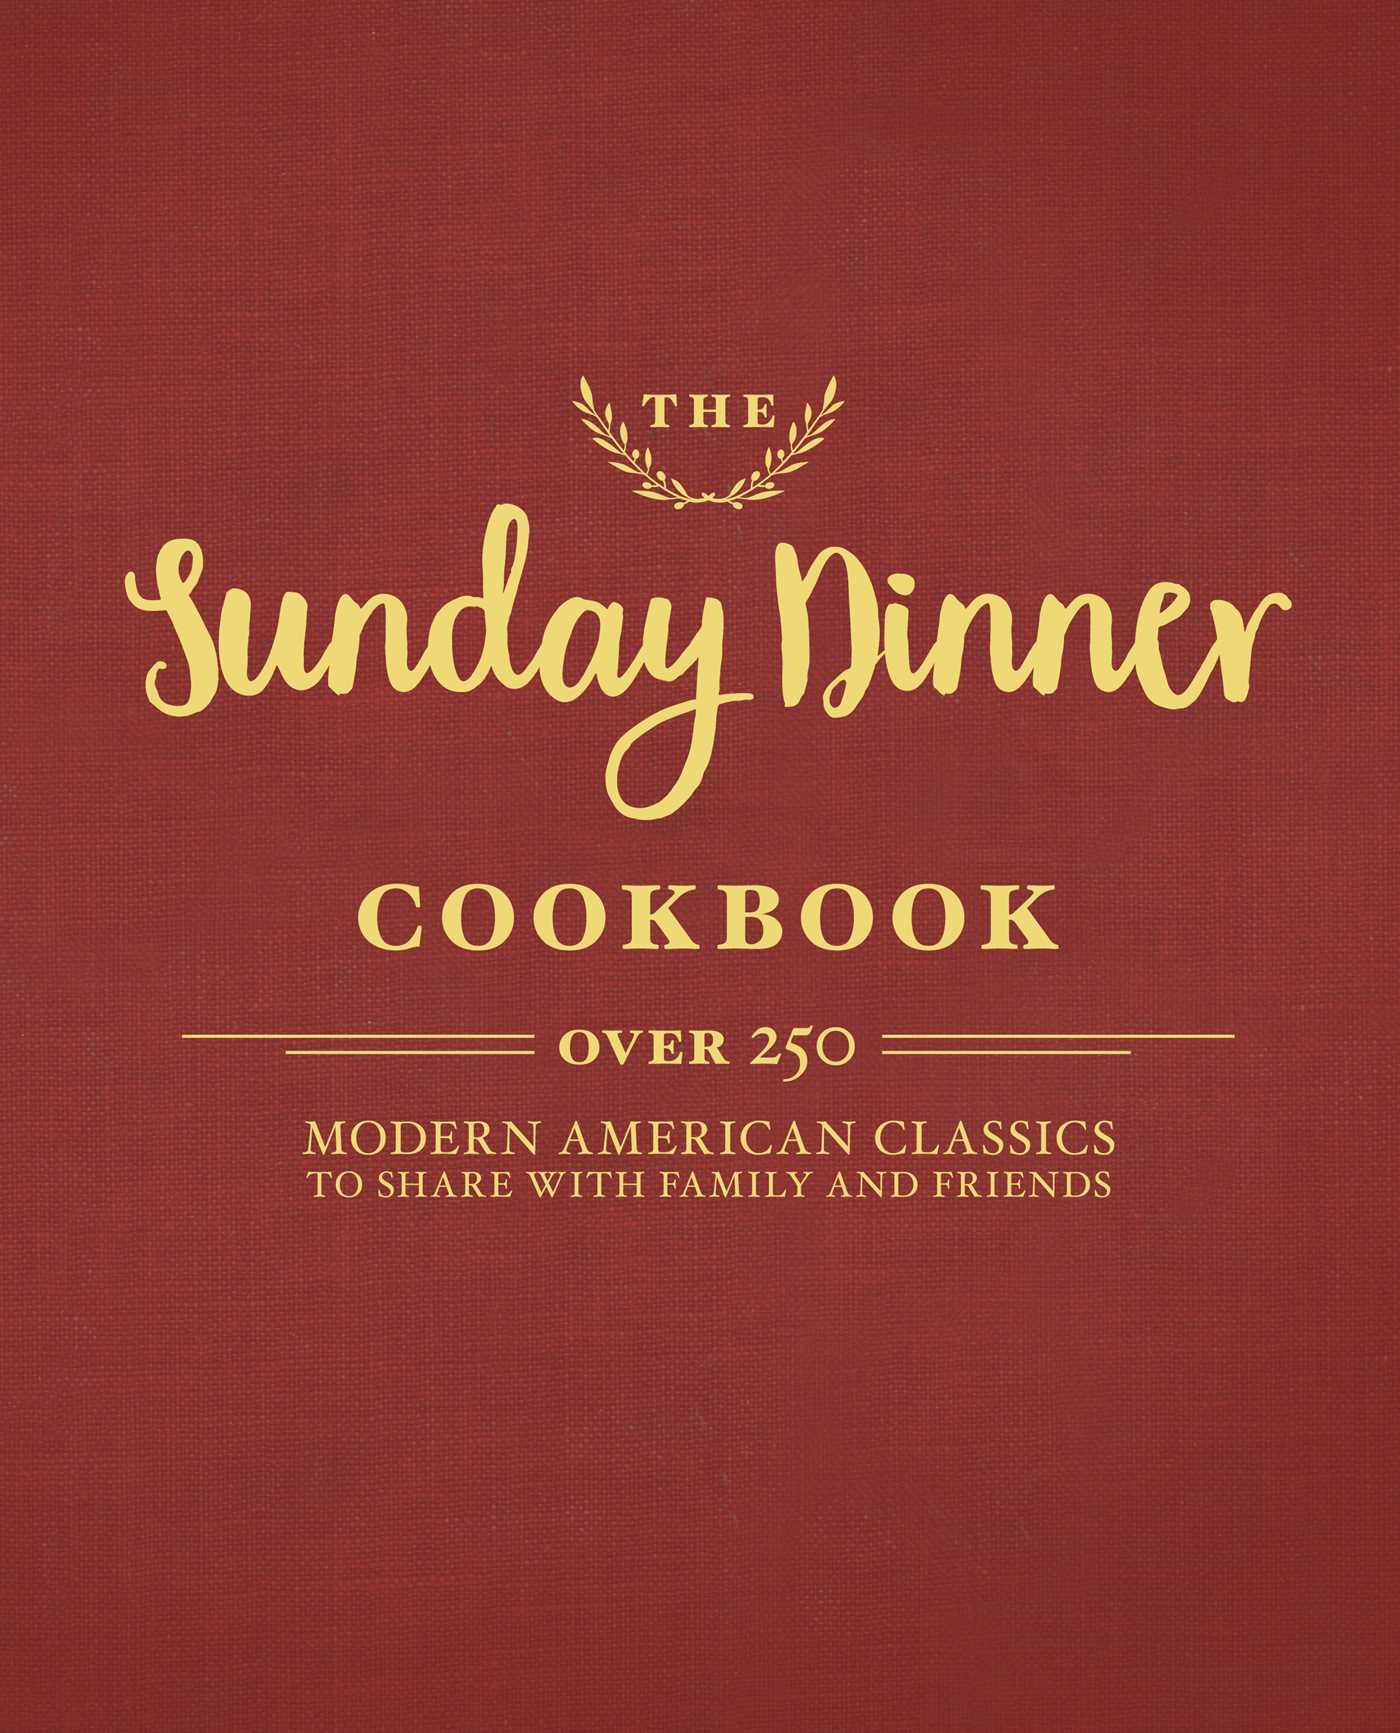 The sunday dinner cookbook 9781604337525 hr